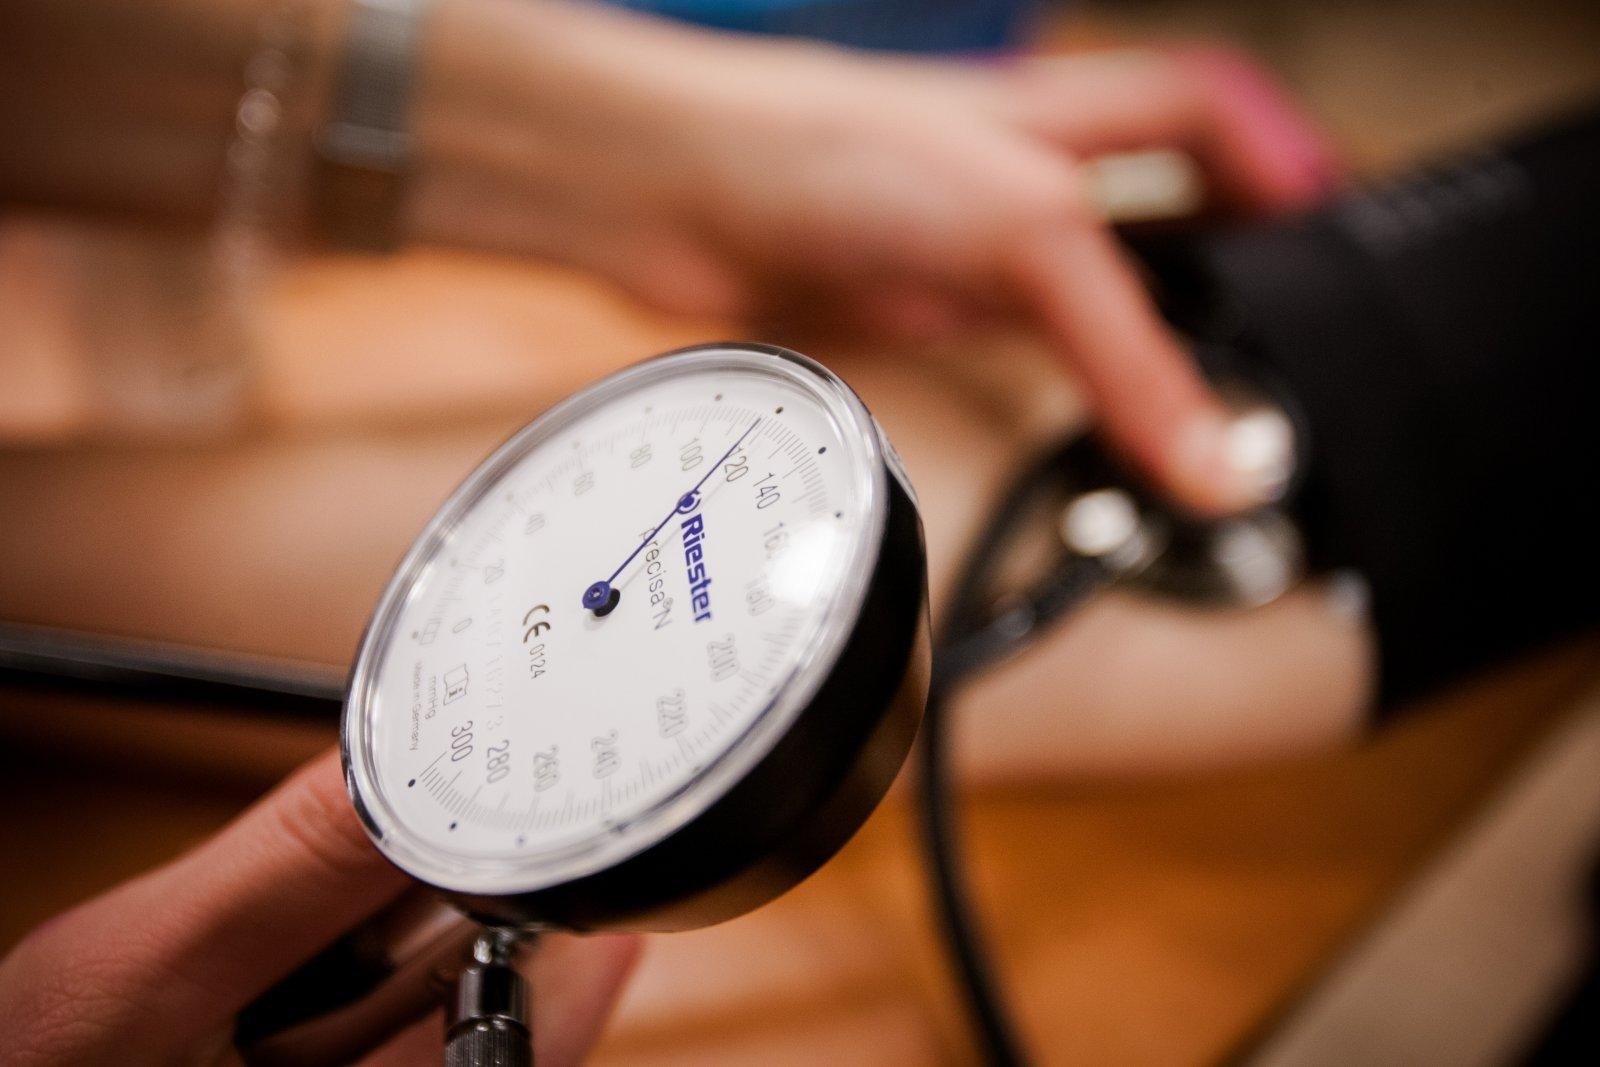 kaip stebėti kraujospūdį esant hipertenzijai